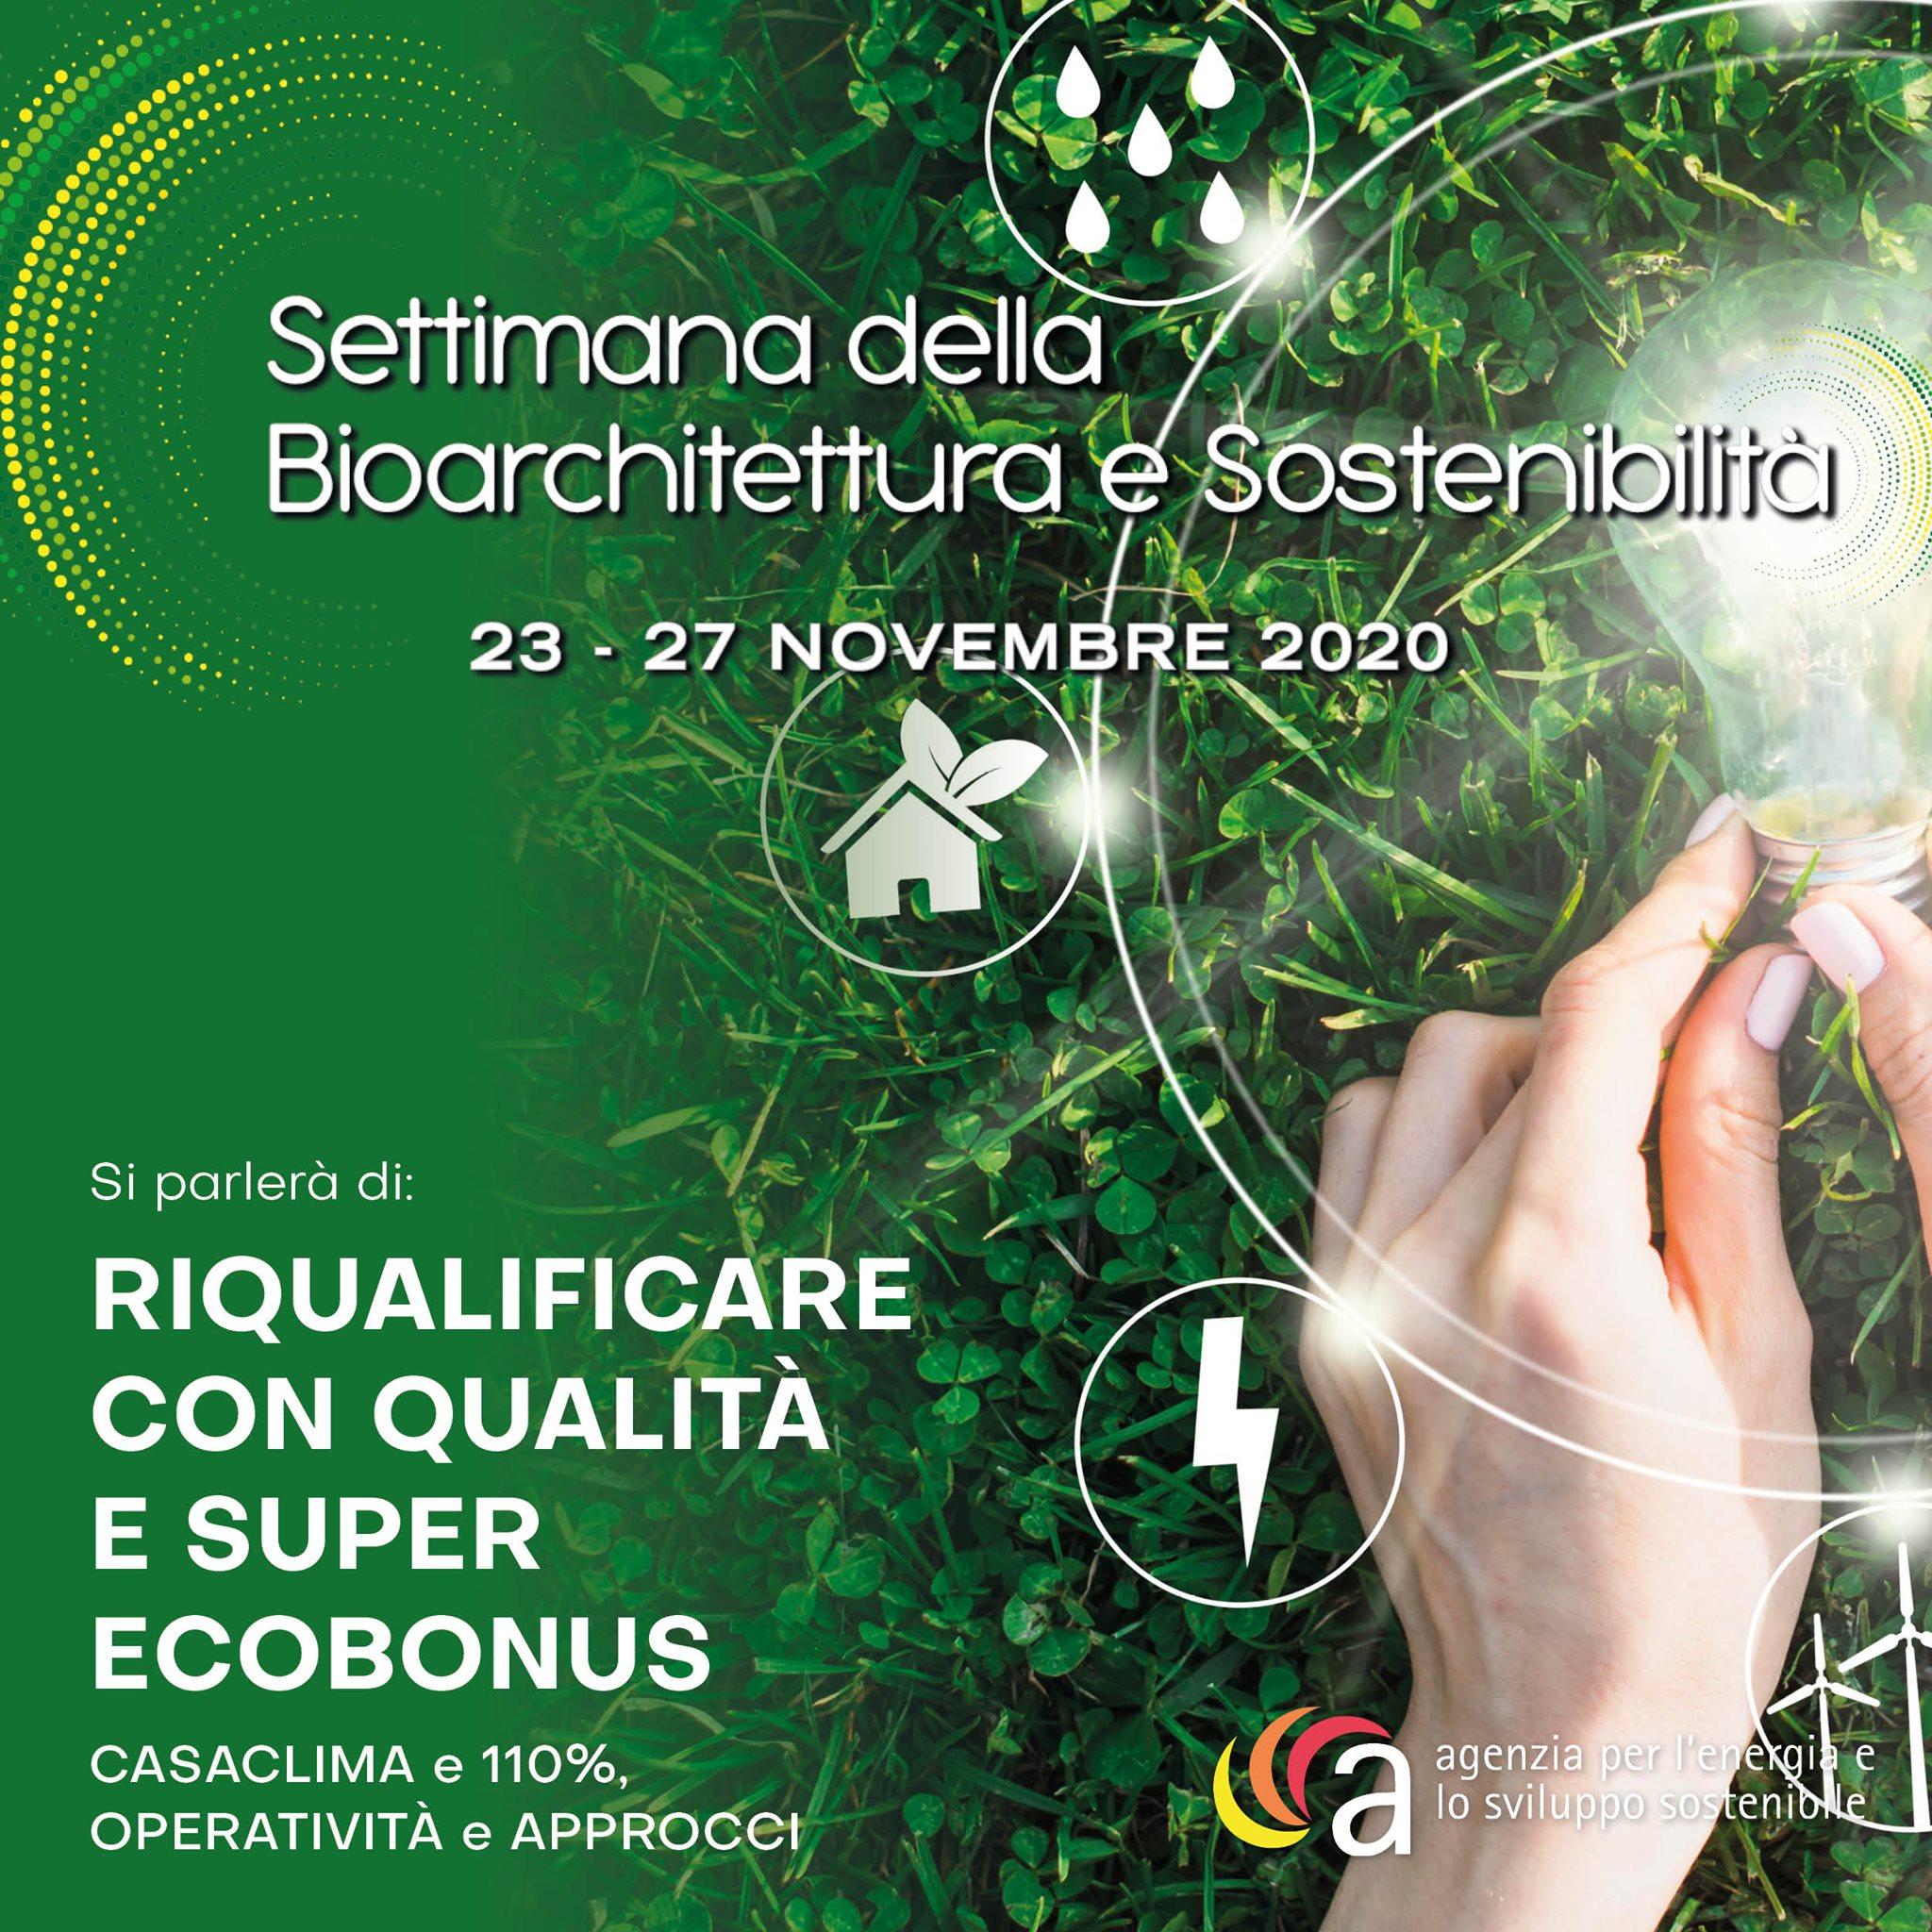 Sistem Costruzioni sponsor della Settimana della Bioarchitettura 2020